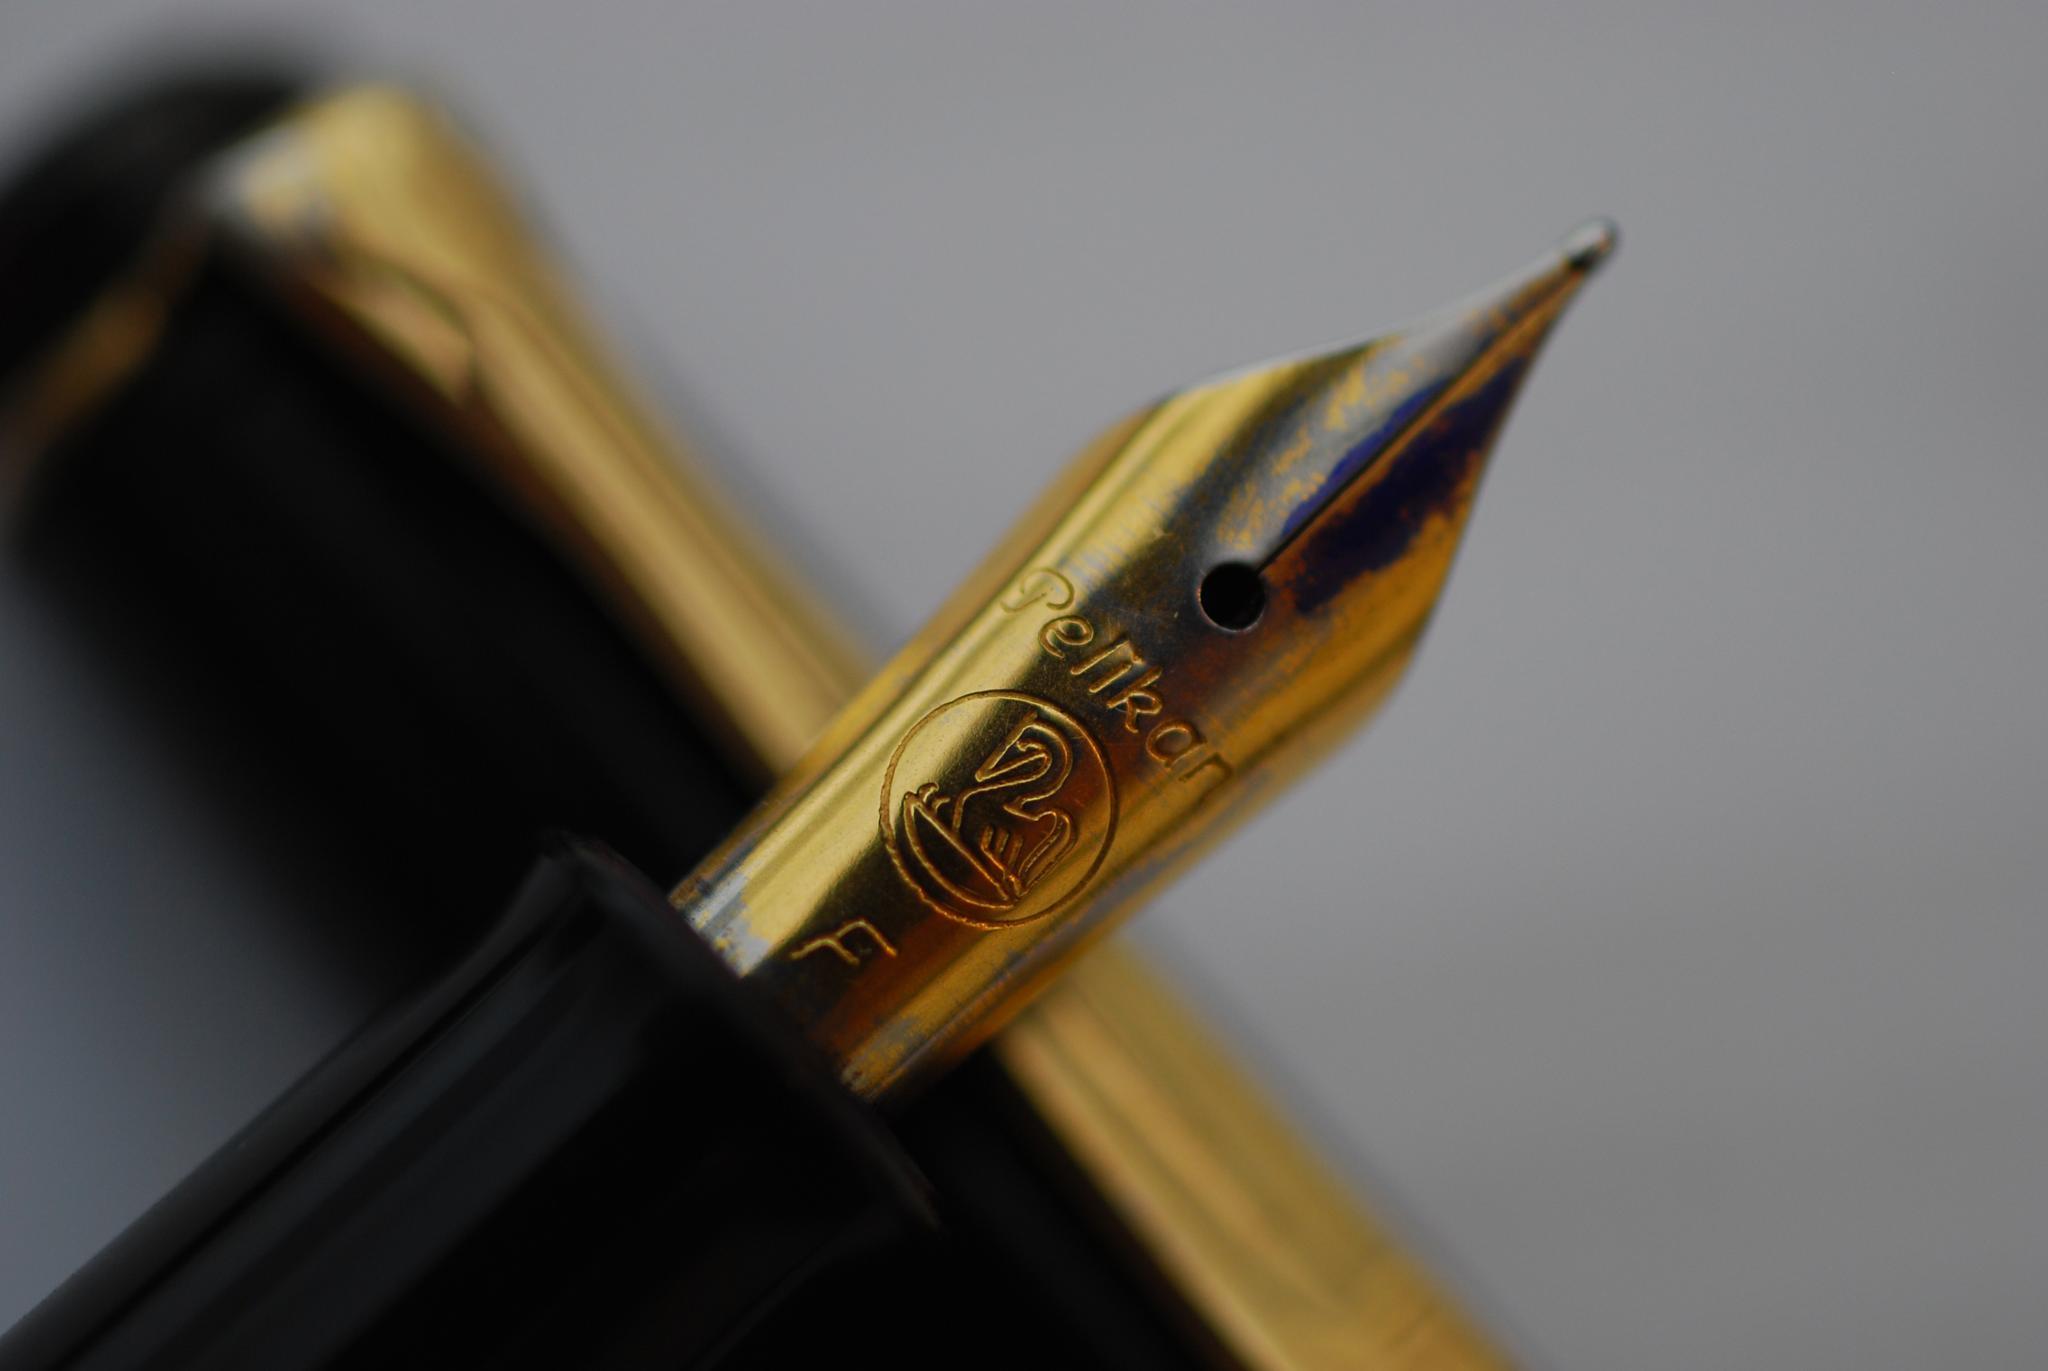 My faithful fountain pen... by Meir Jacob